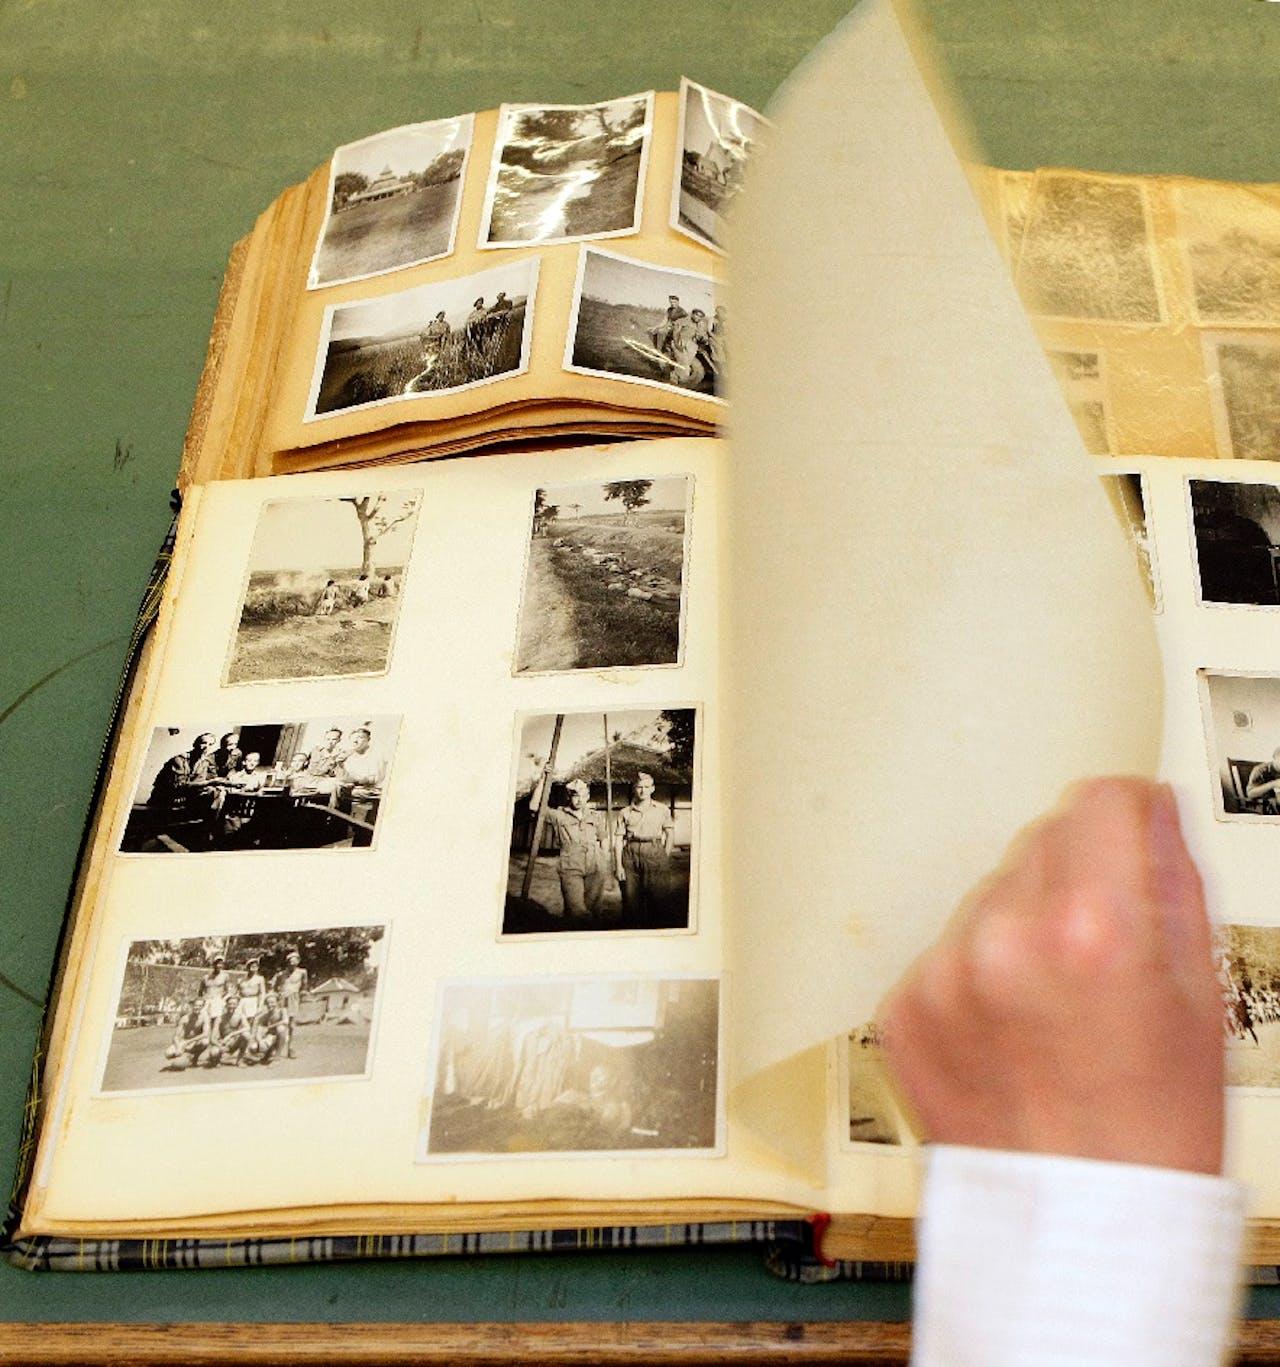 Foto's van een executie in voormalig Nederlands-Indie (linksboven), in een fotoboek dat onlangs werd gevonden in een vuilcontainer. De foto's komen uit het prive-album van een soldaat uit Enschede die in 1947 werd uitgezonden. Het boek is in beheer bij het Stadsarchief Enschede. ANP